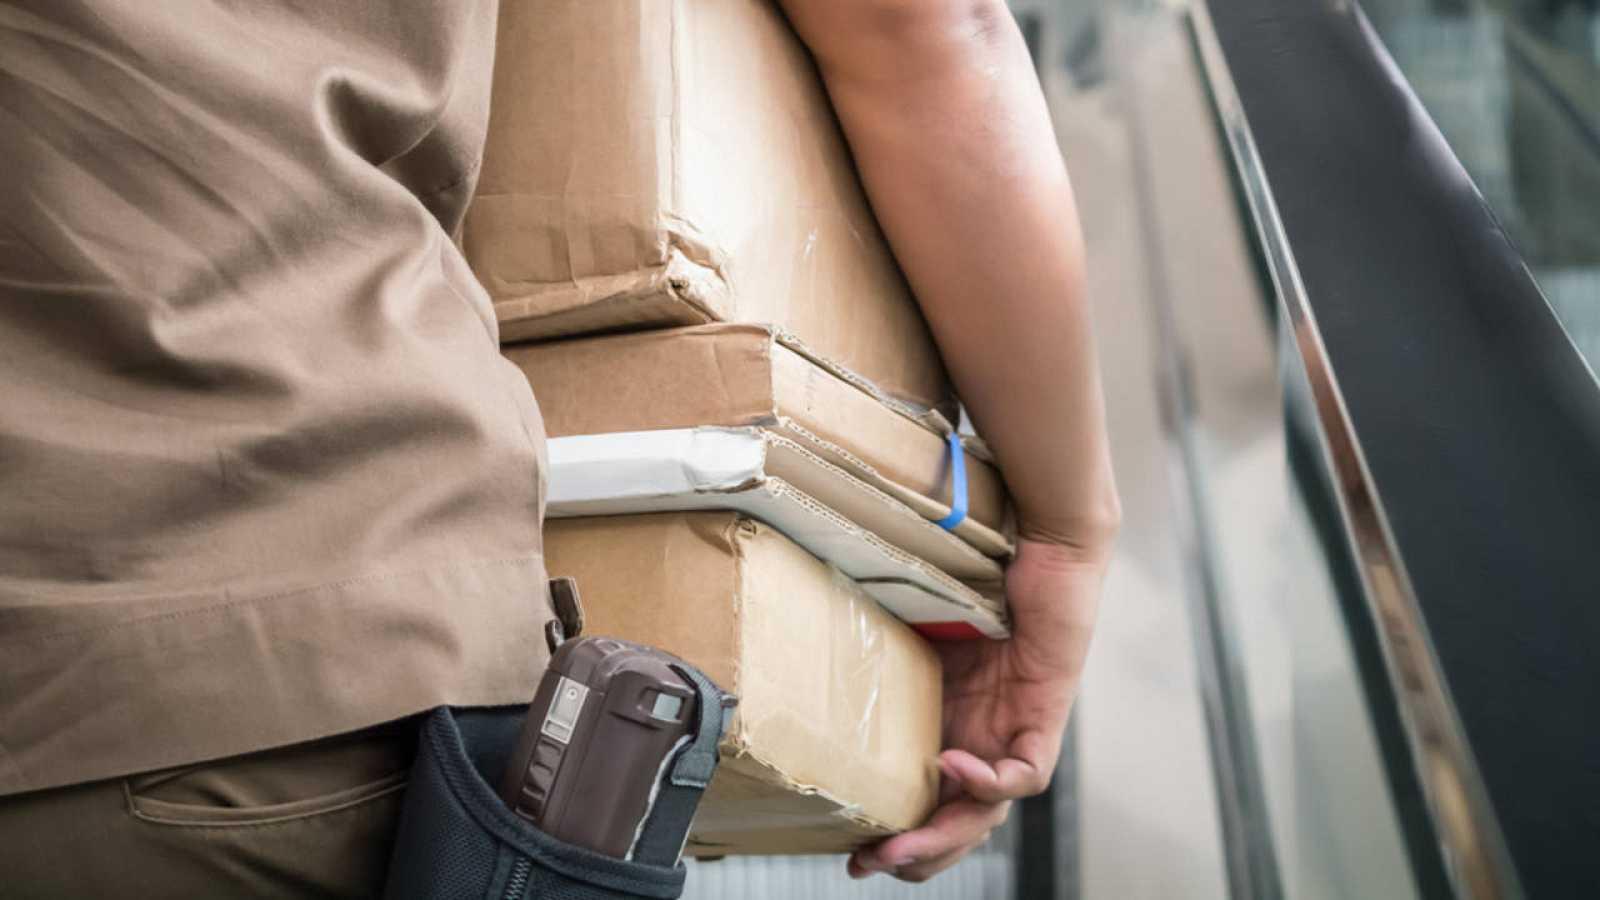 Un trabajador de una empresa de mensajería carga varios paquetes